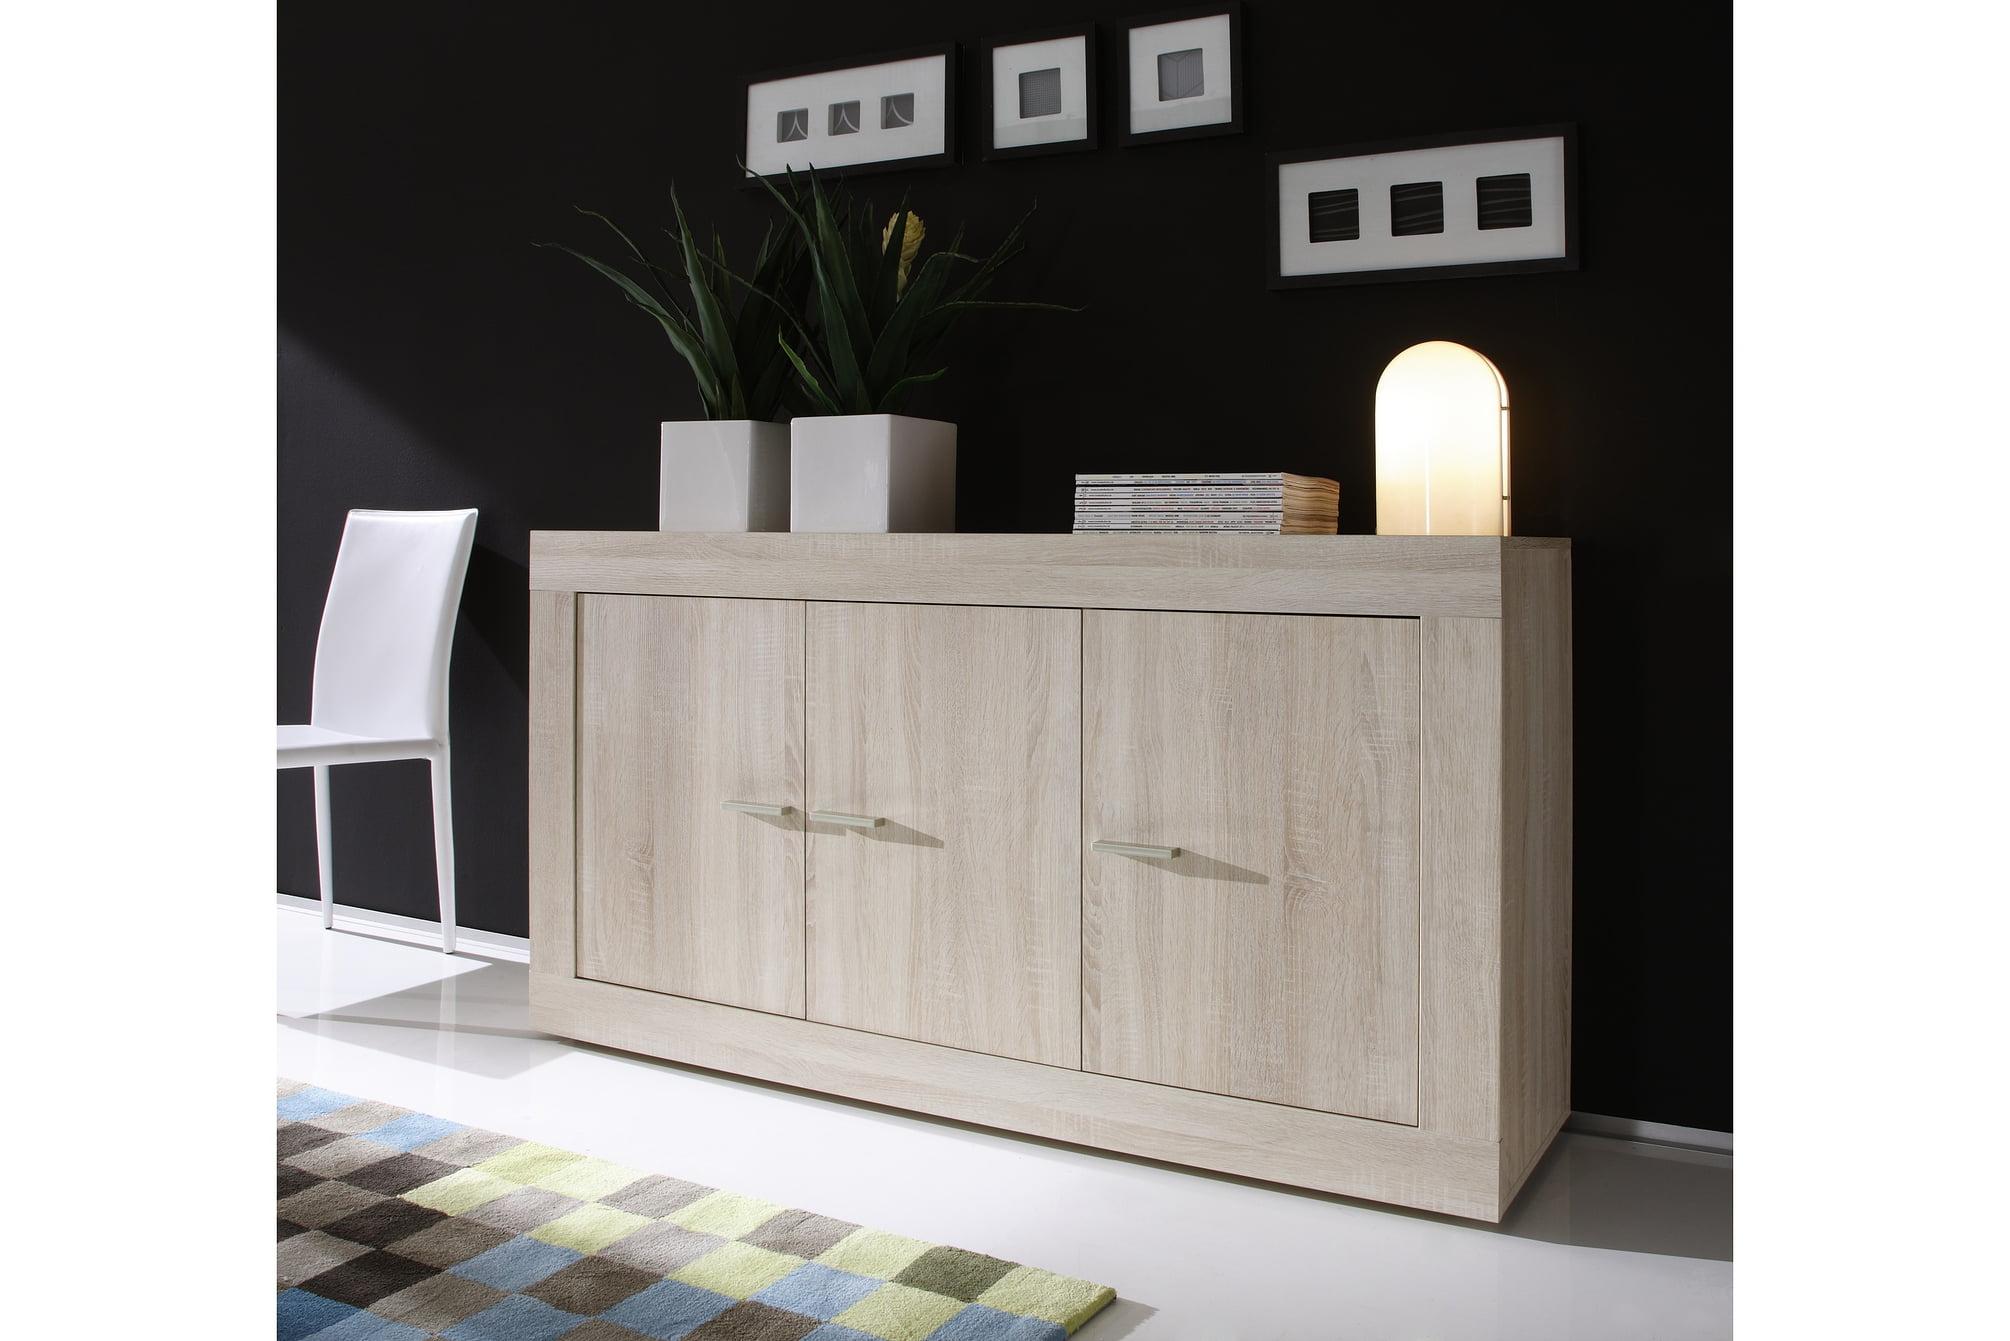 Jag har inga problem att köpa möbler via nätet 5a9fa1275e090